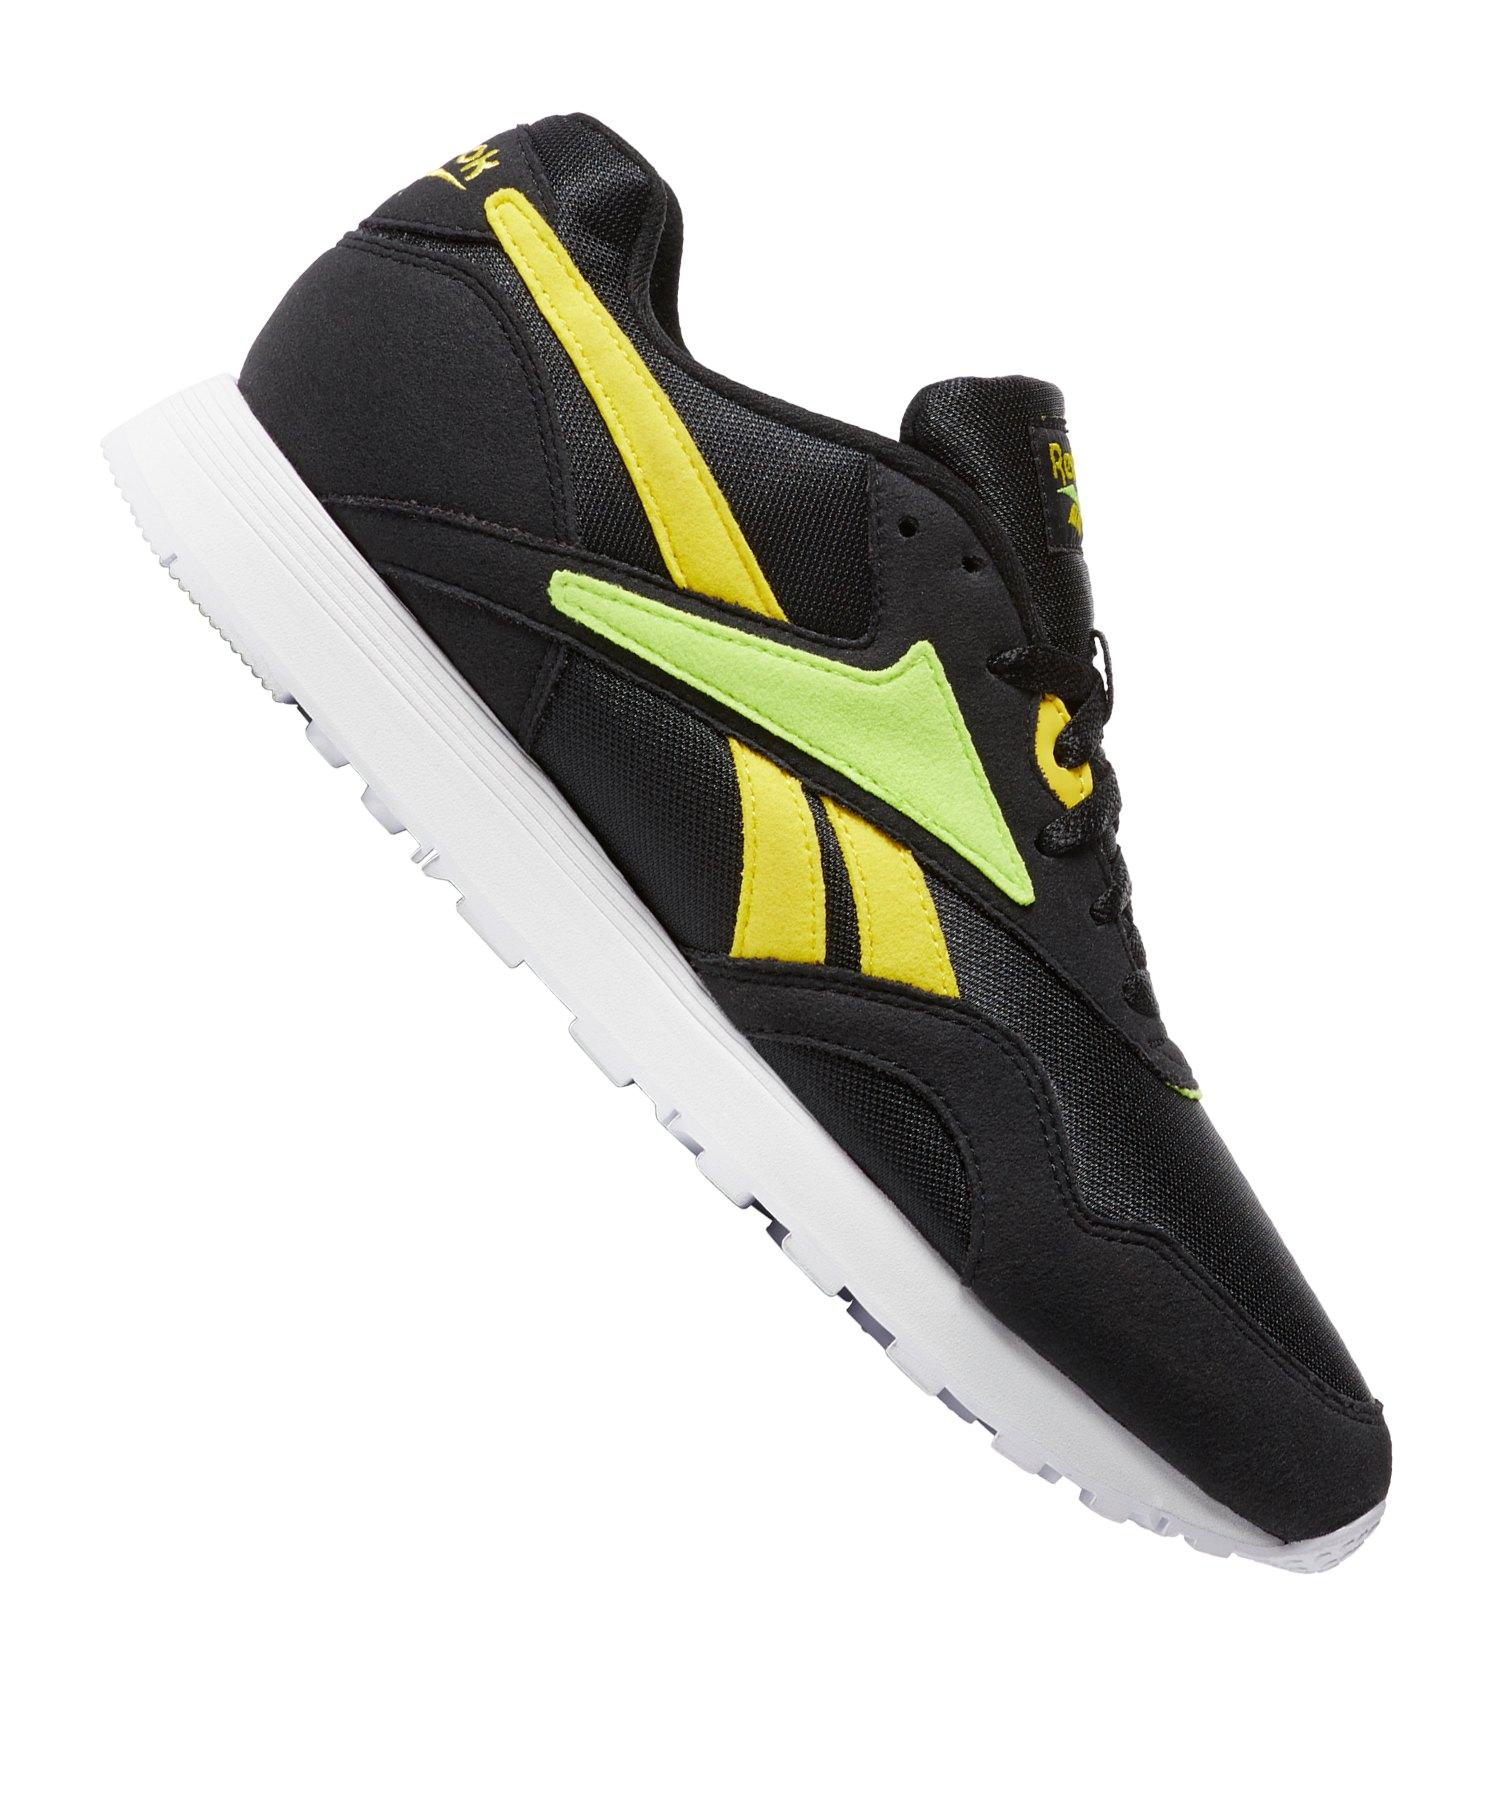 best service a184e 793ef Reebok Rapide MU Sneaker Schwarz Gelb